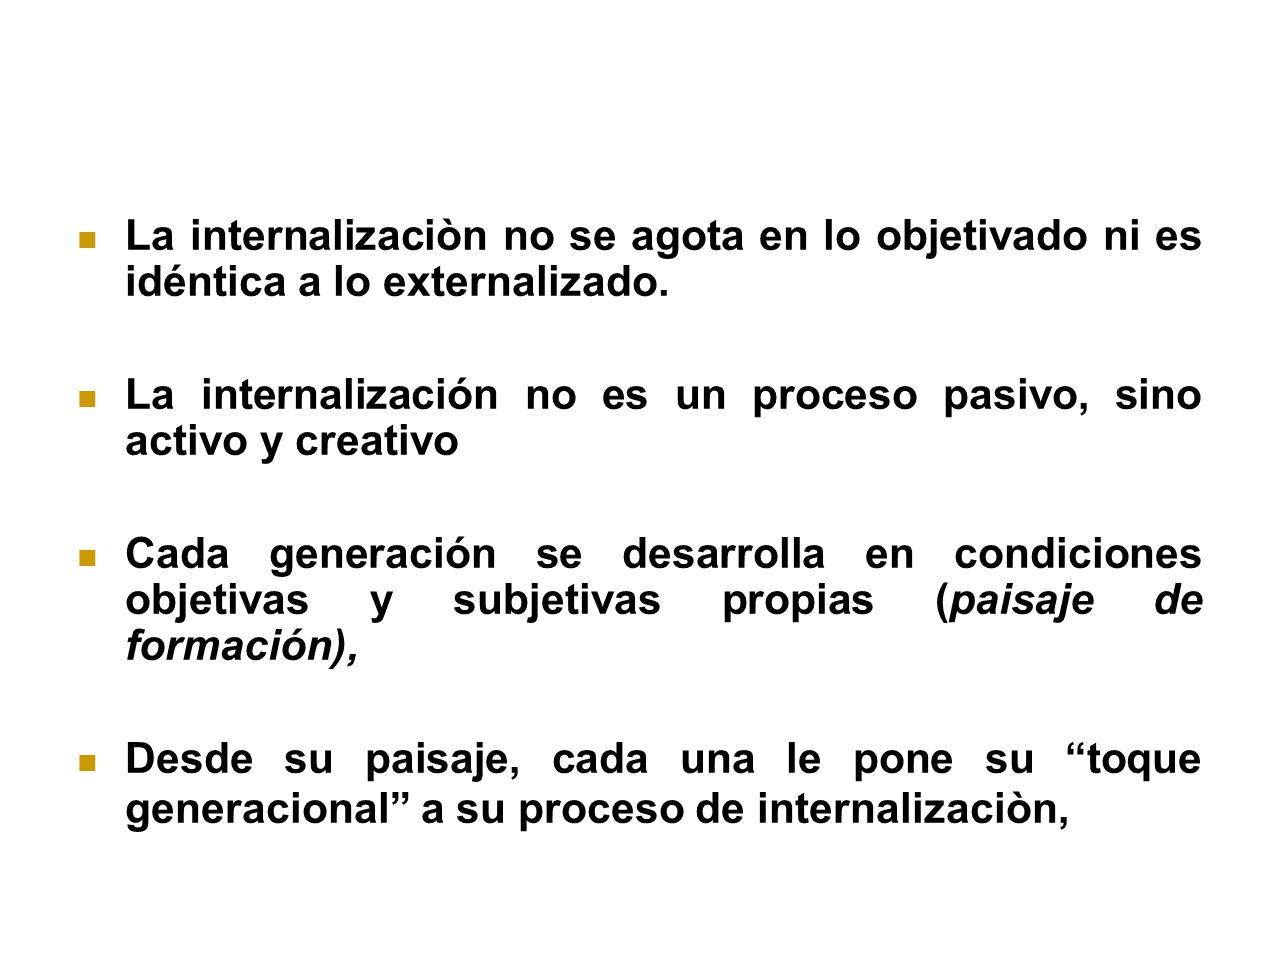 La internalizaciòn no se agota en lo objetivado ni es idéntica a lo externalizado. La internalización no es un proceso pasivo, sino activo y creativo